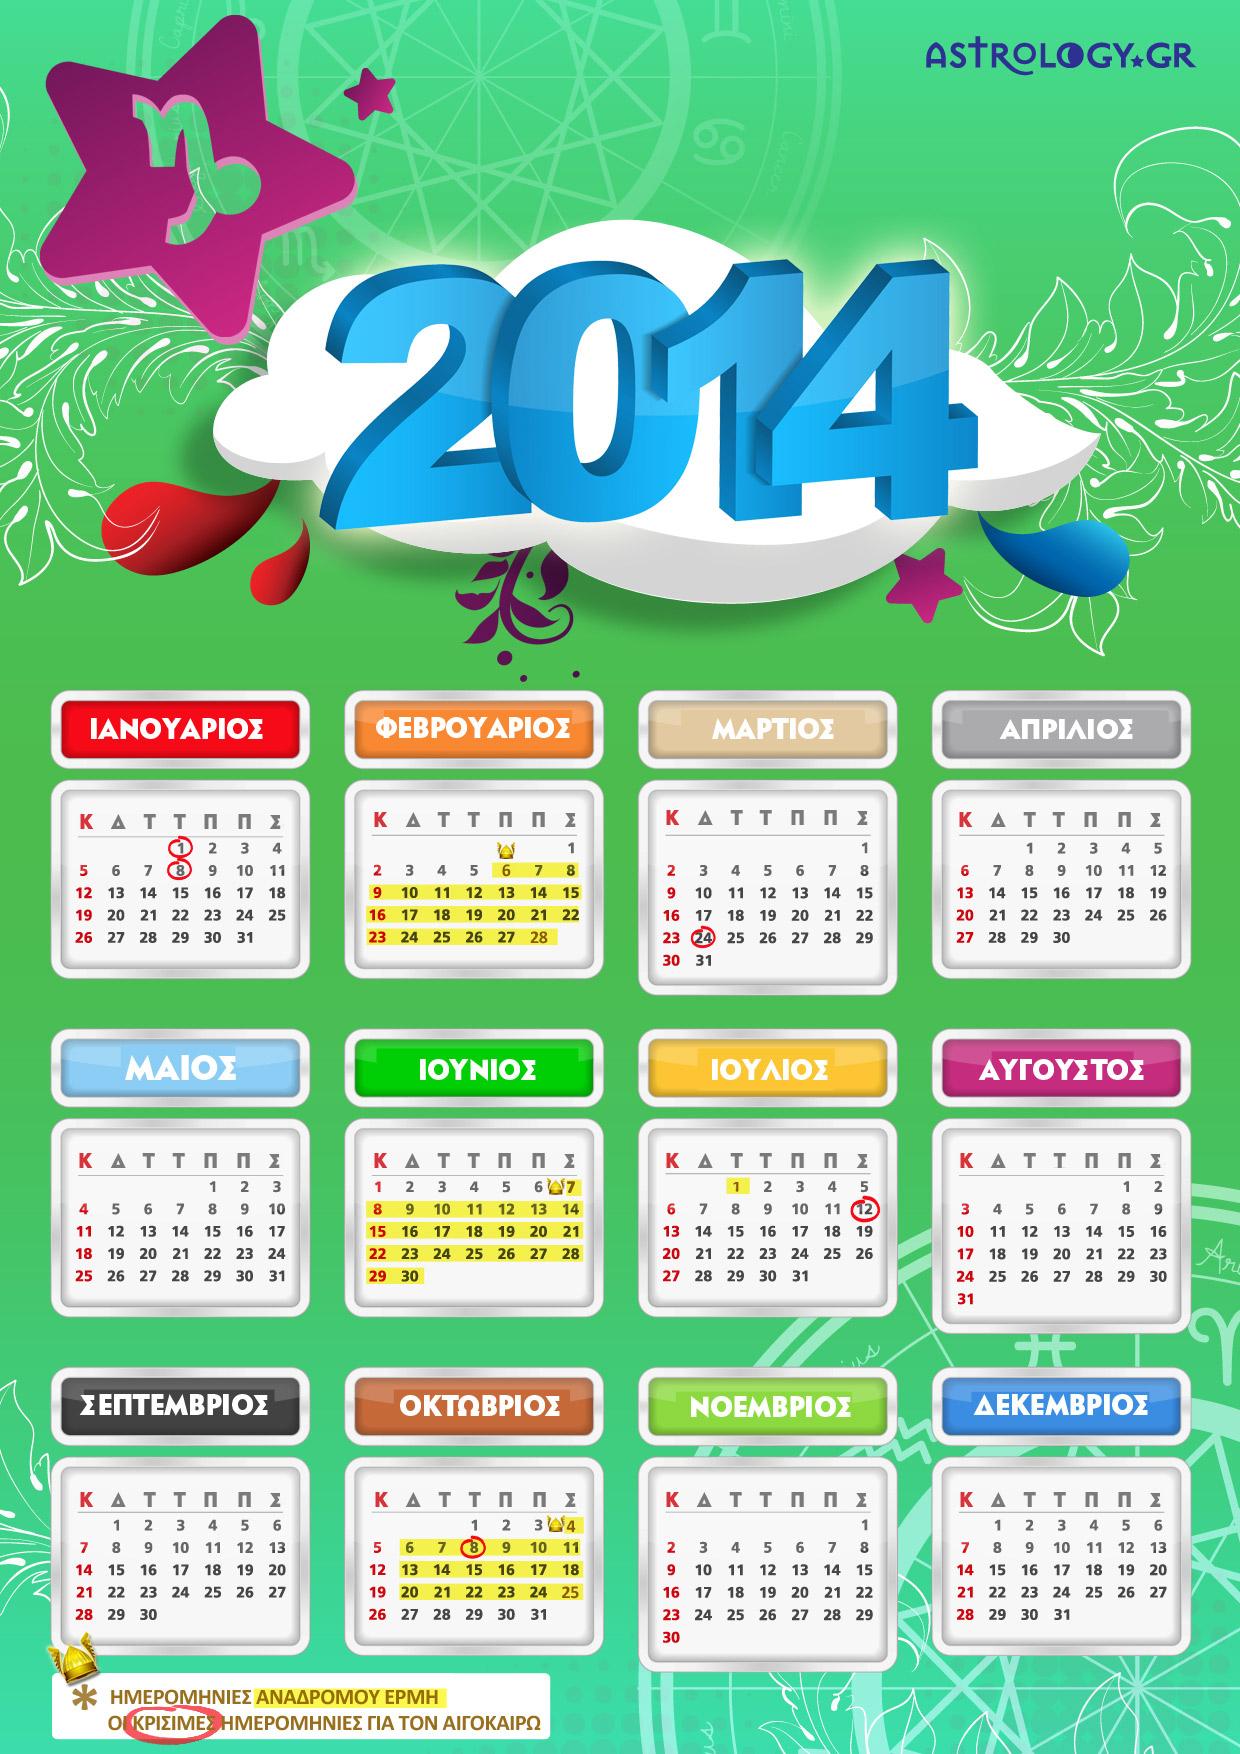 AIGOK calendar